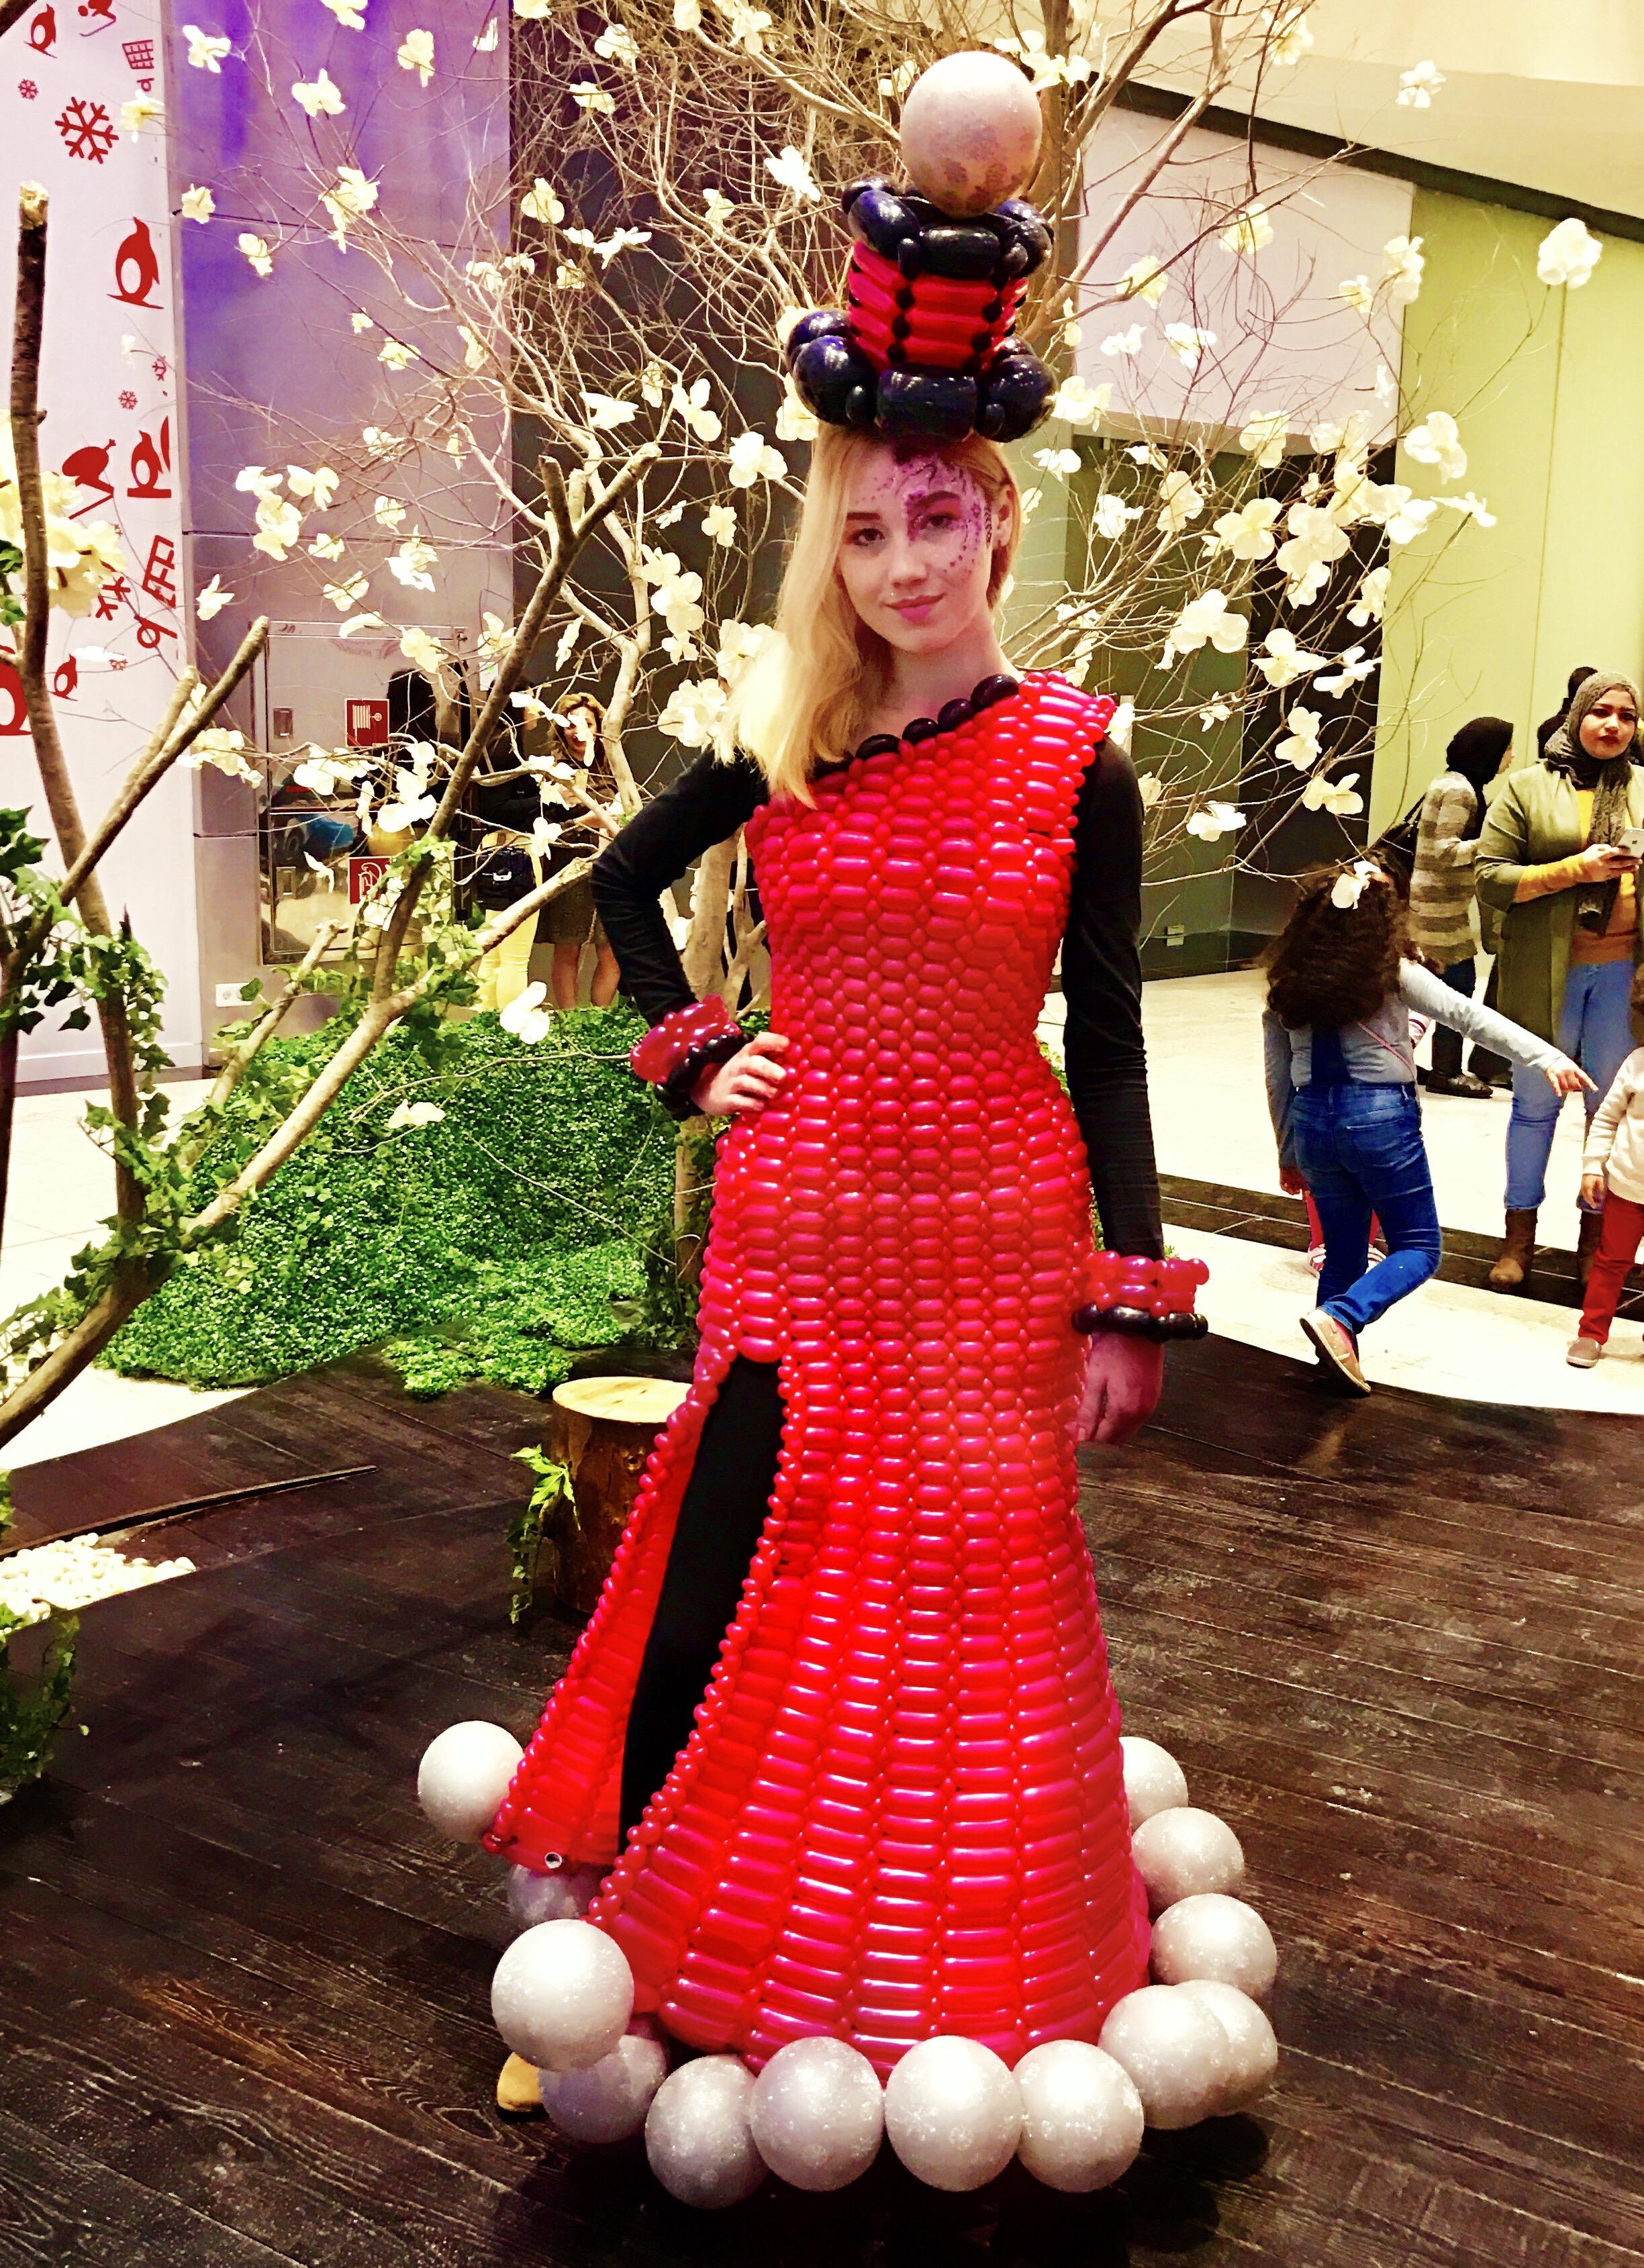 fc2c892a3 Red balloon dress - Balloon Dress